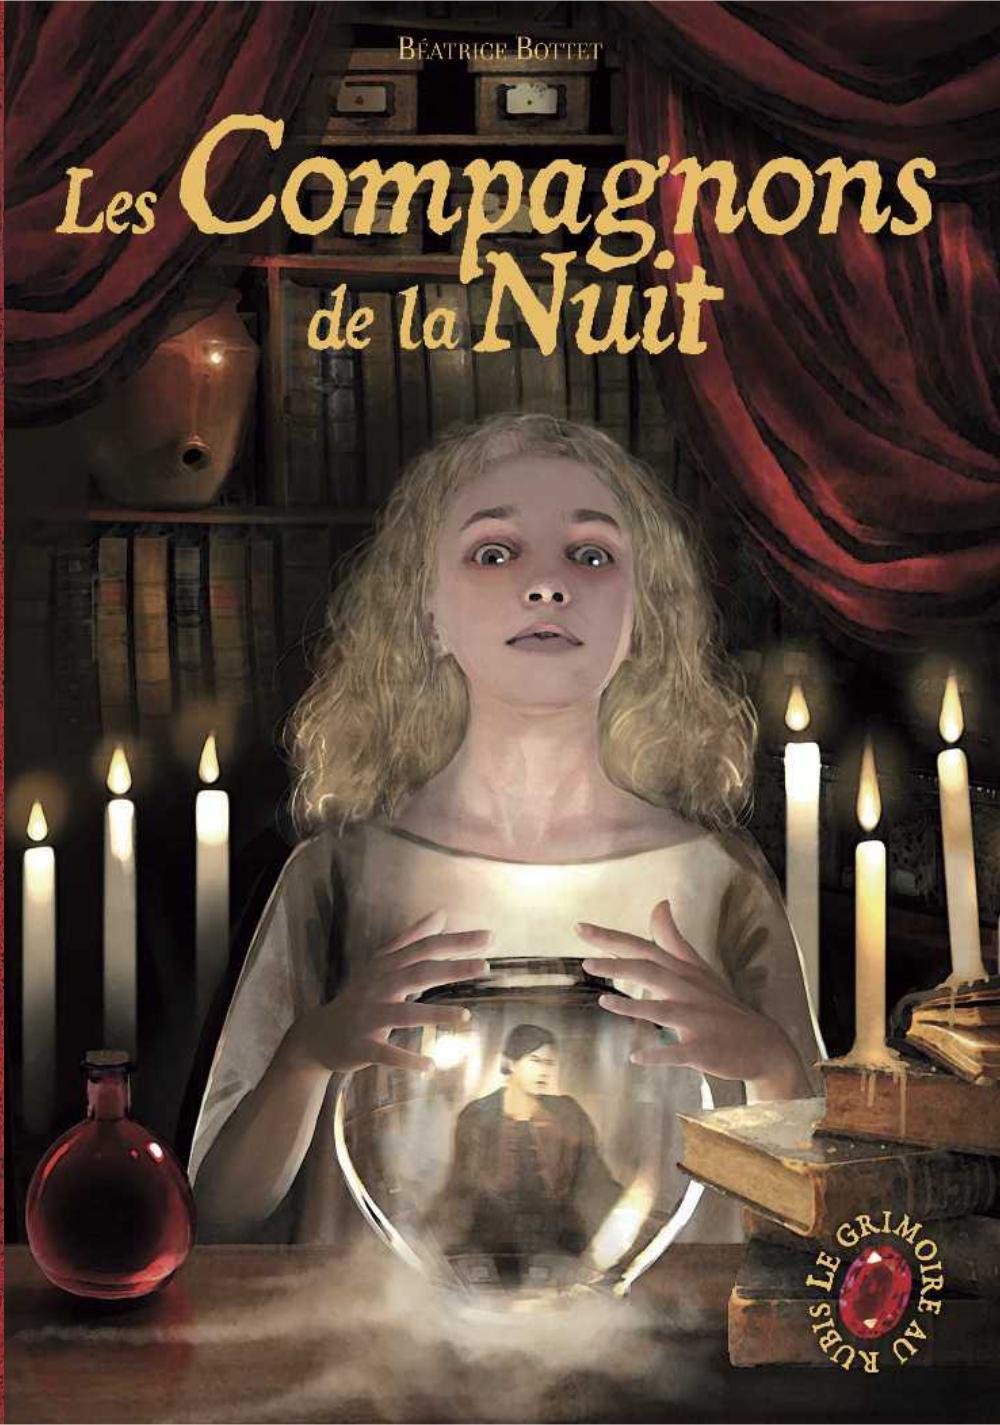 Le Grimoire au rubis (Tome 5) - Les Compagnons de la Nuit | Bottet, Béatrice